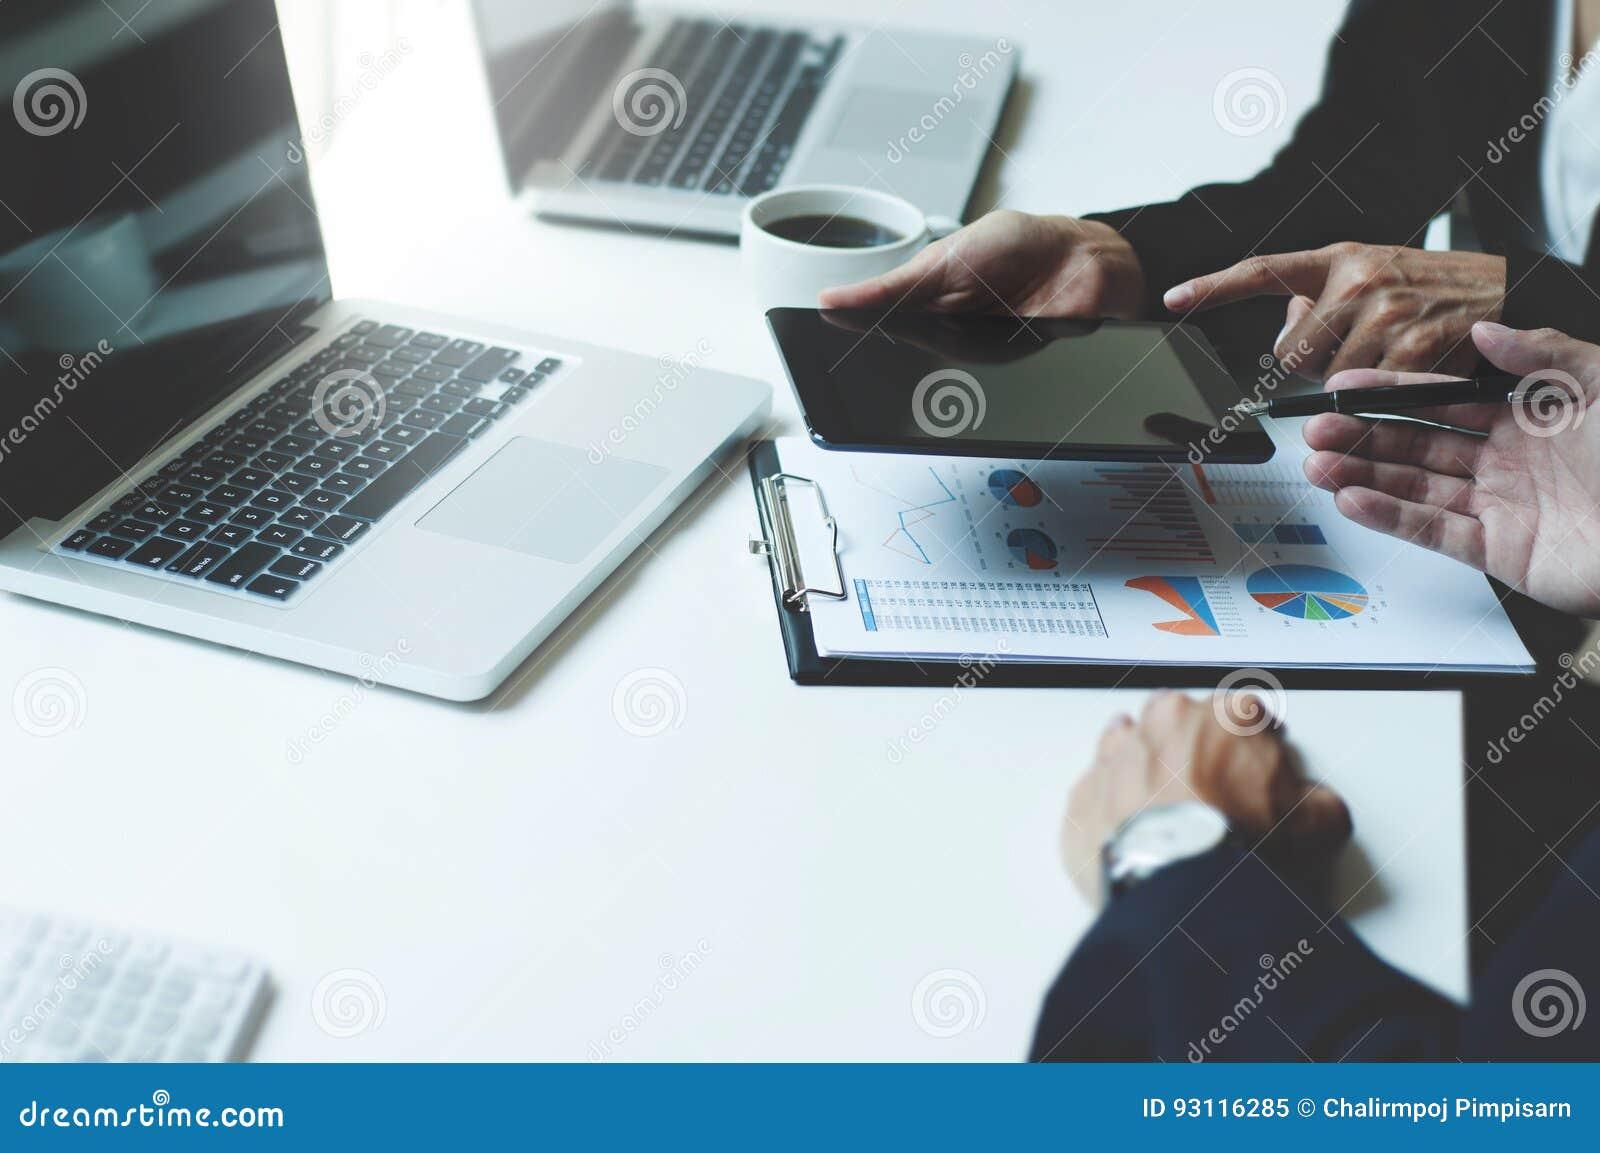 Bild von zwei jungen Unternehmensleitern, die Berührungsfläche bei der Sitzung verwenden